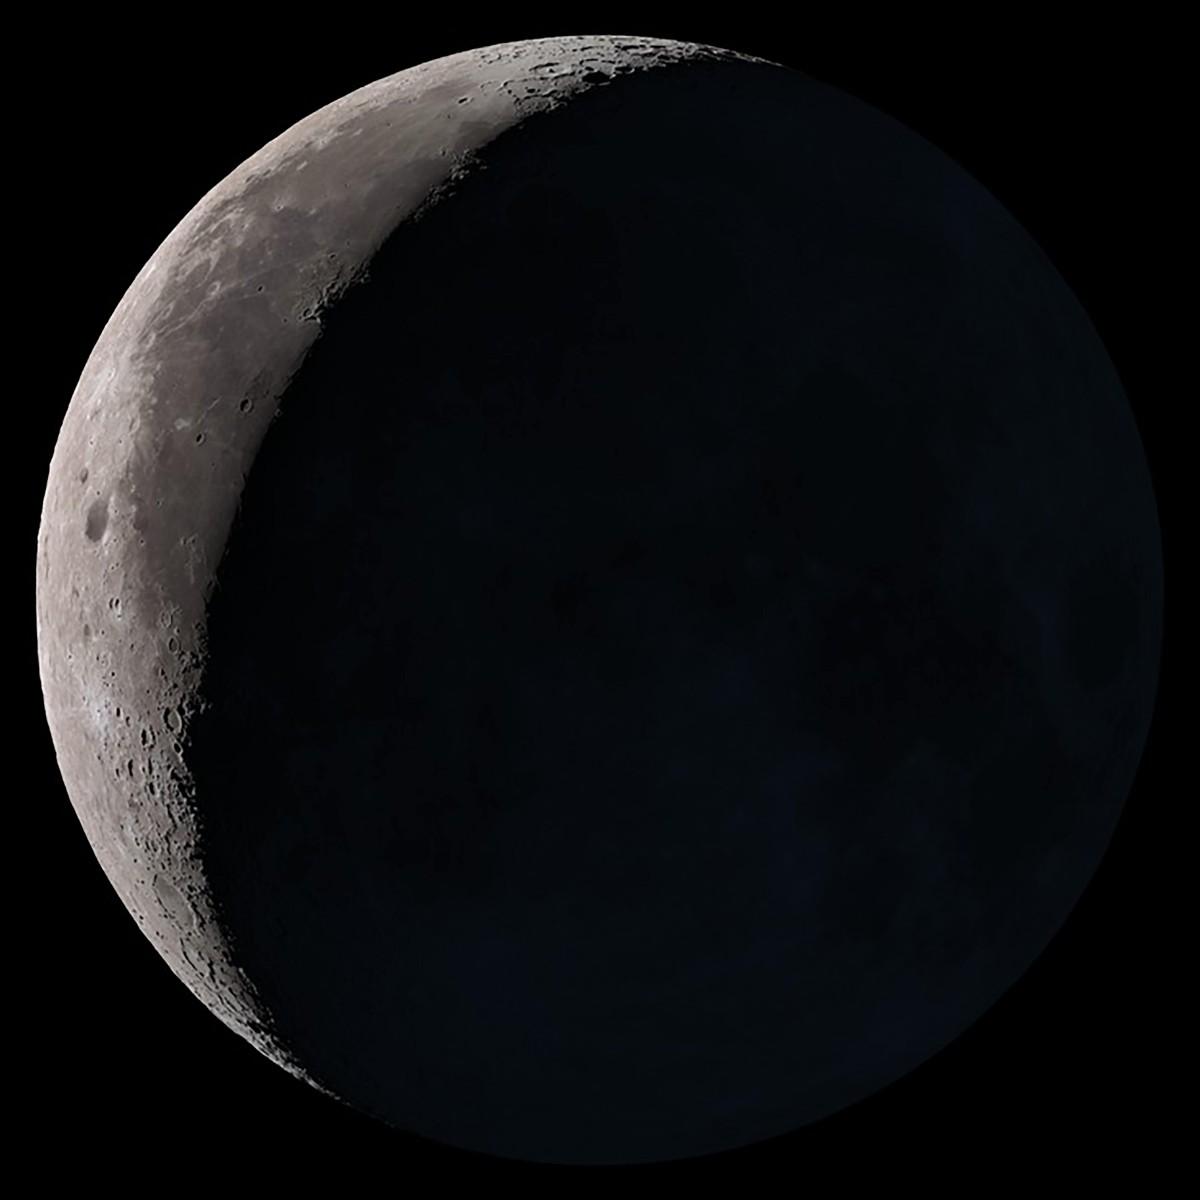 2017 nasa moon phase today - photo #16